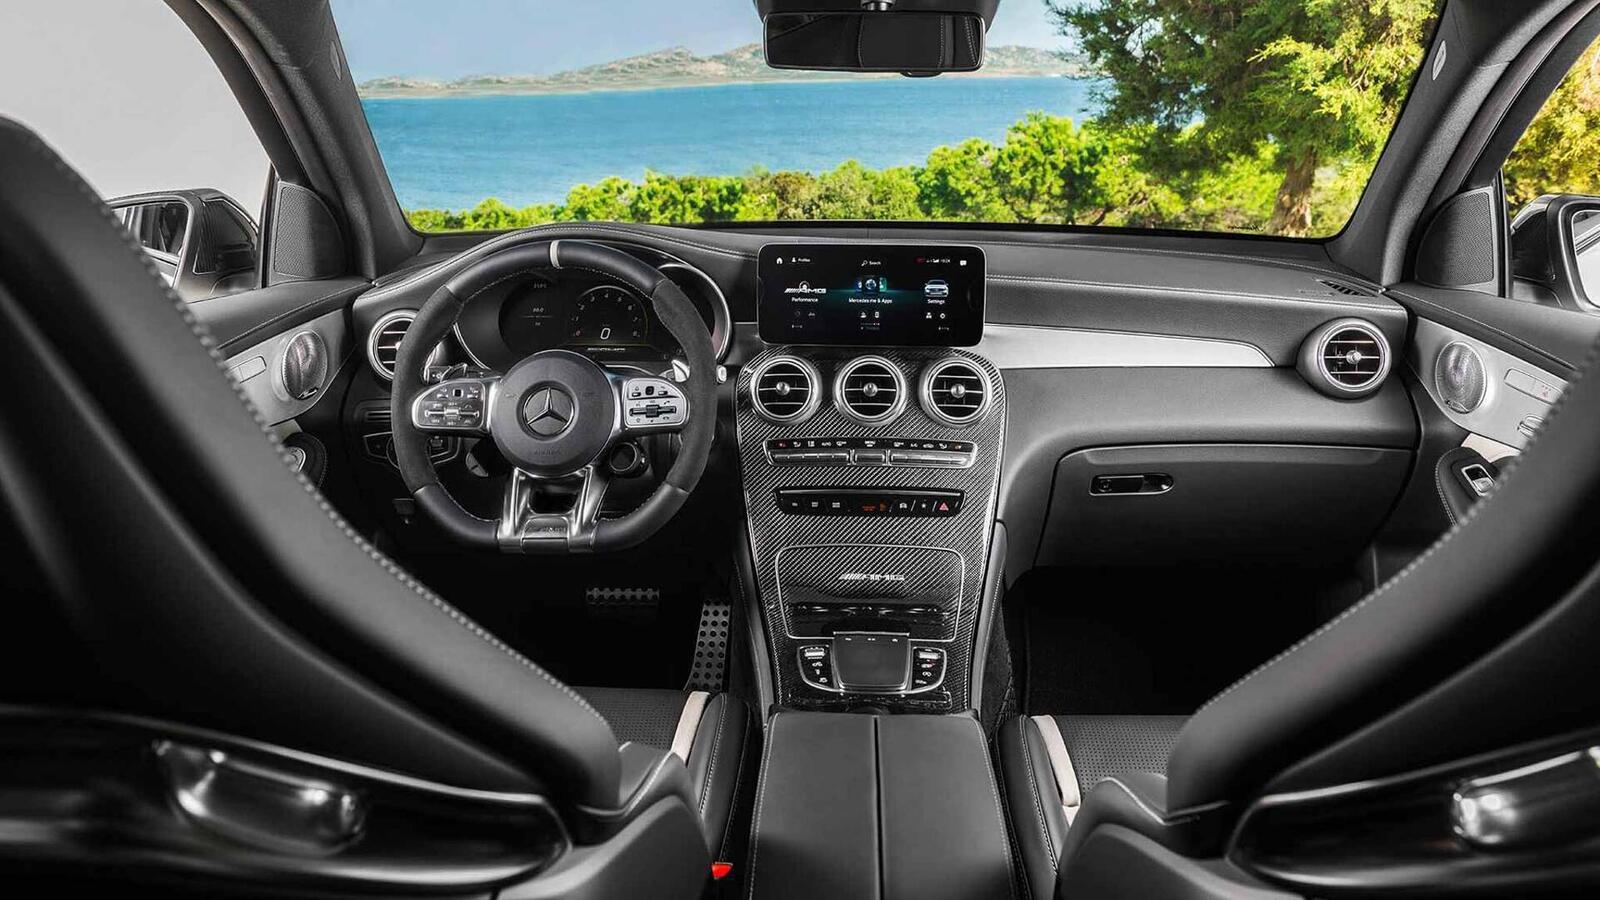 Mercedes-AMG giới thiệu GLC và GLC Coupe 63 mới lắp động cơ V8 4.0L Biturbo mạnh hơn 460 mã lực - Hình 19